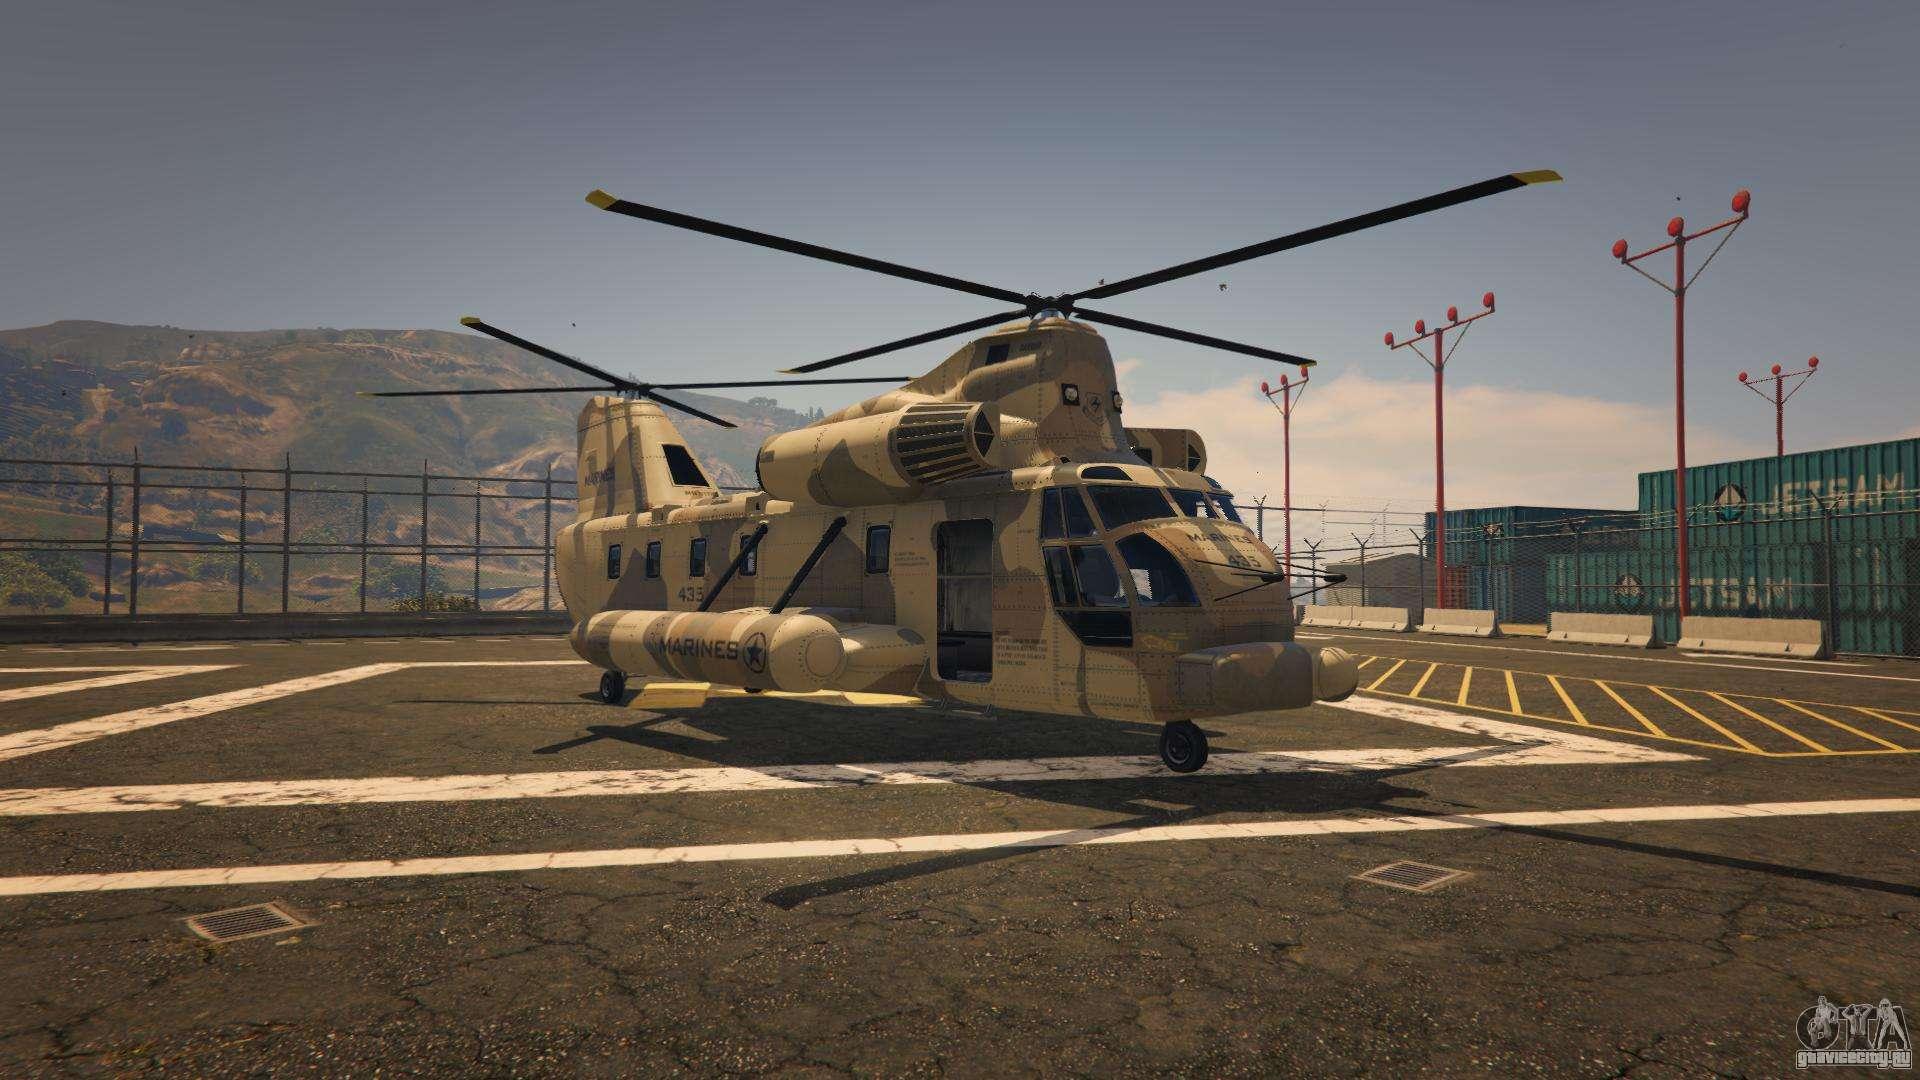 В GTA 5 обнаружена секретная военная база - Блоги